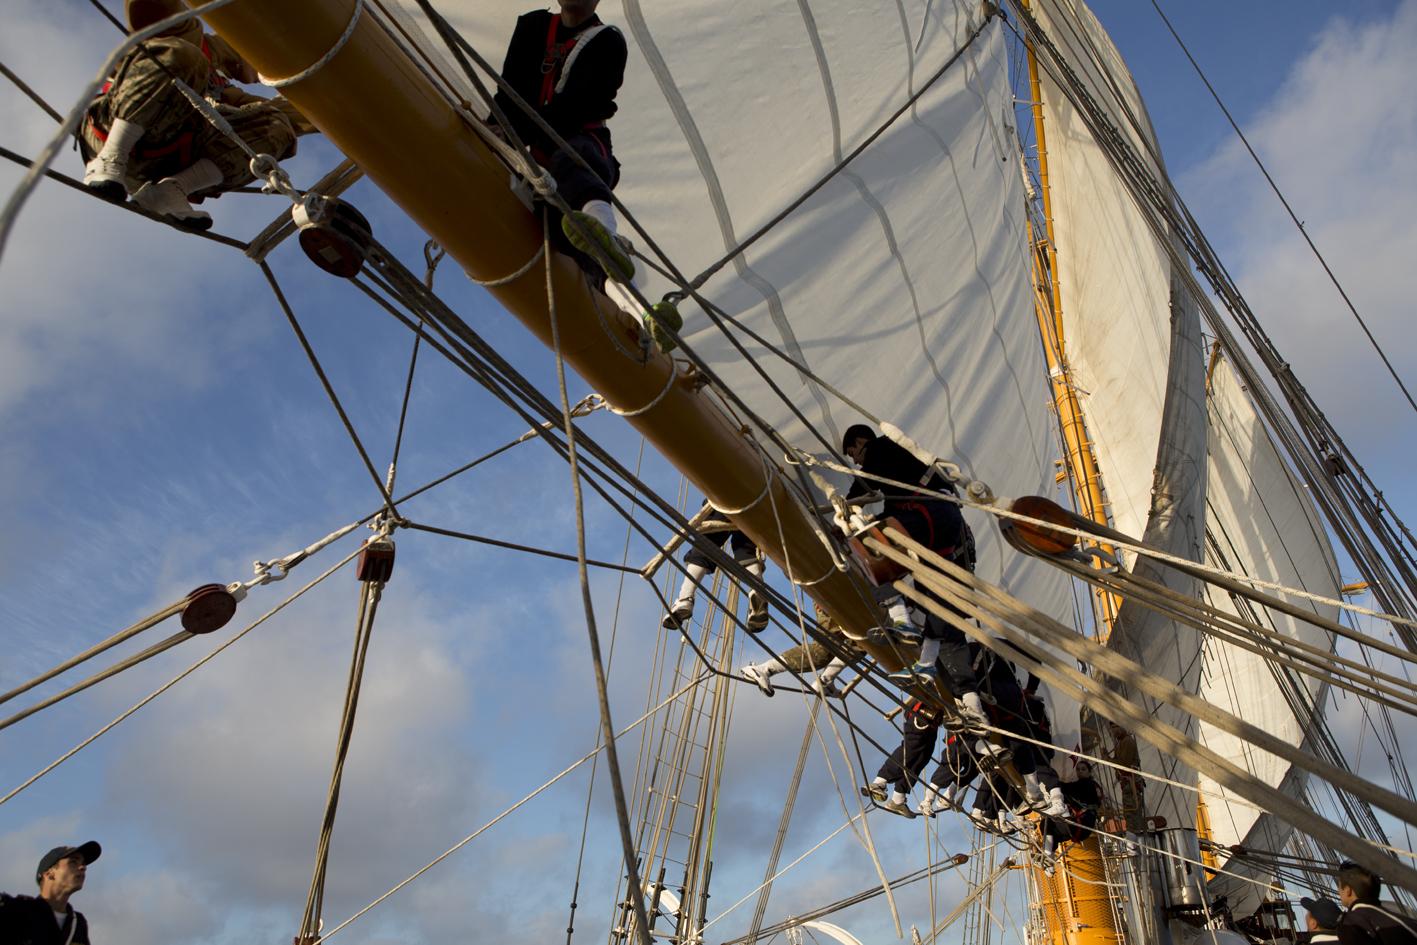 Buque Esmeralda, navegación a vela en el Océano Pacífico.   Esmeralda ship, sailing in the Pacific Ocean.